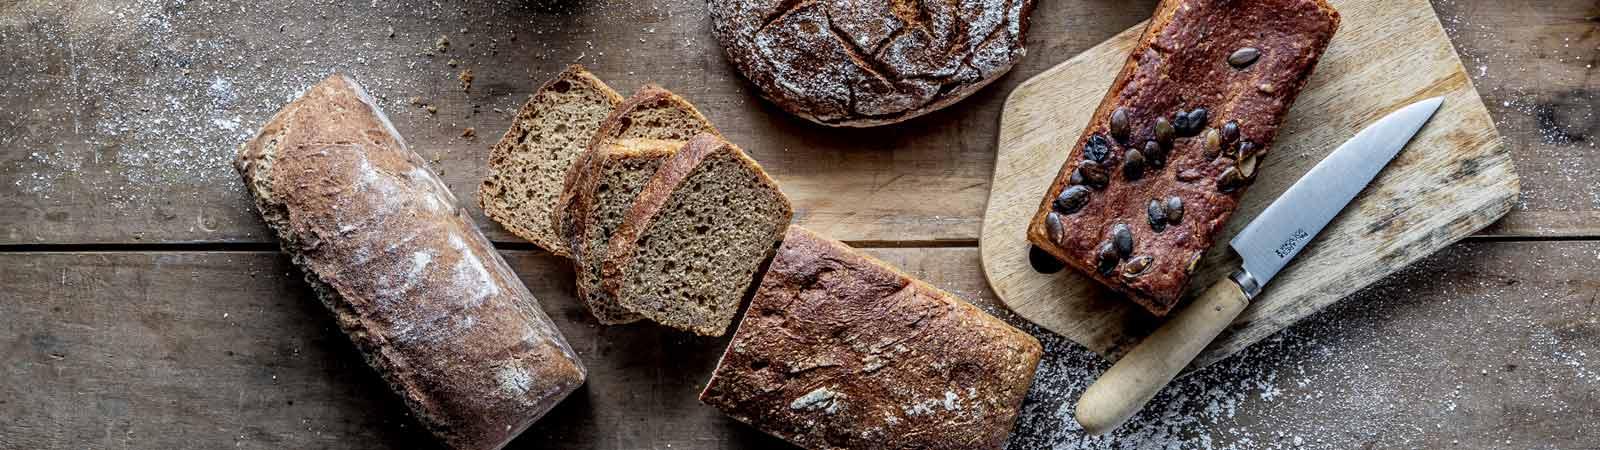 Pains de mie, speciaux, noirs et pains essenes